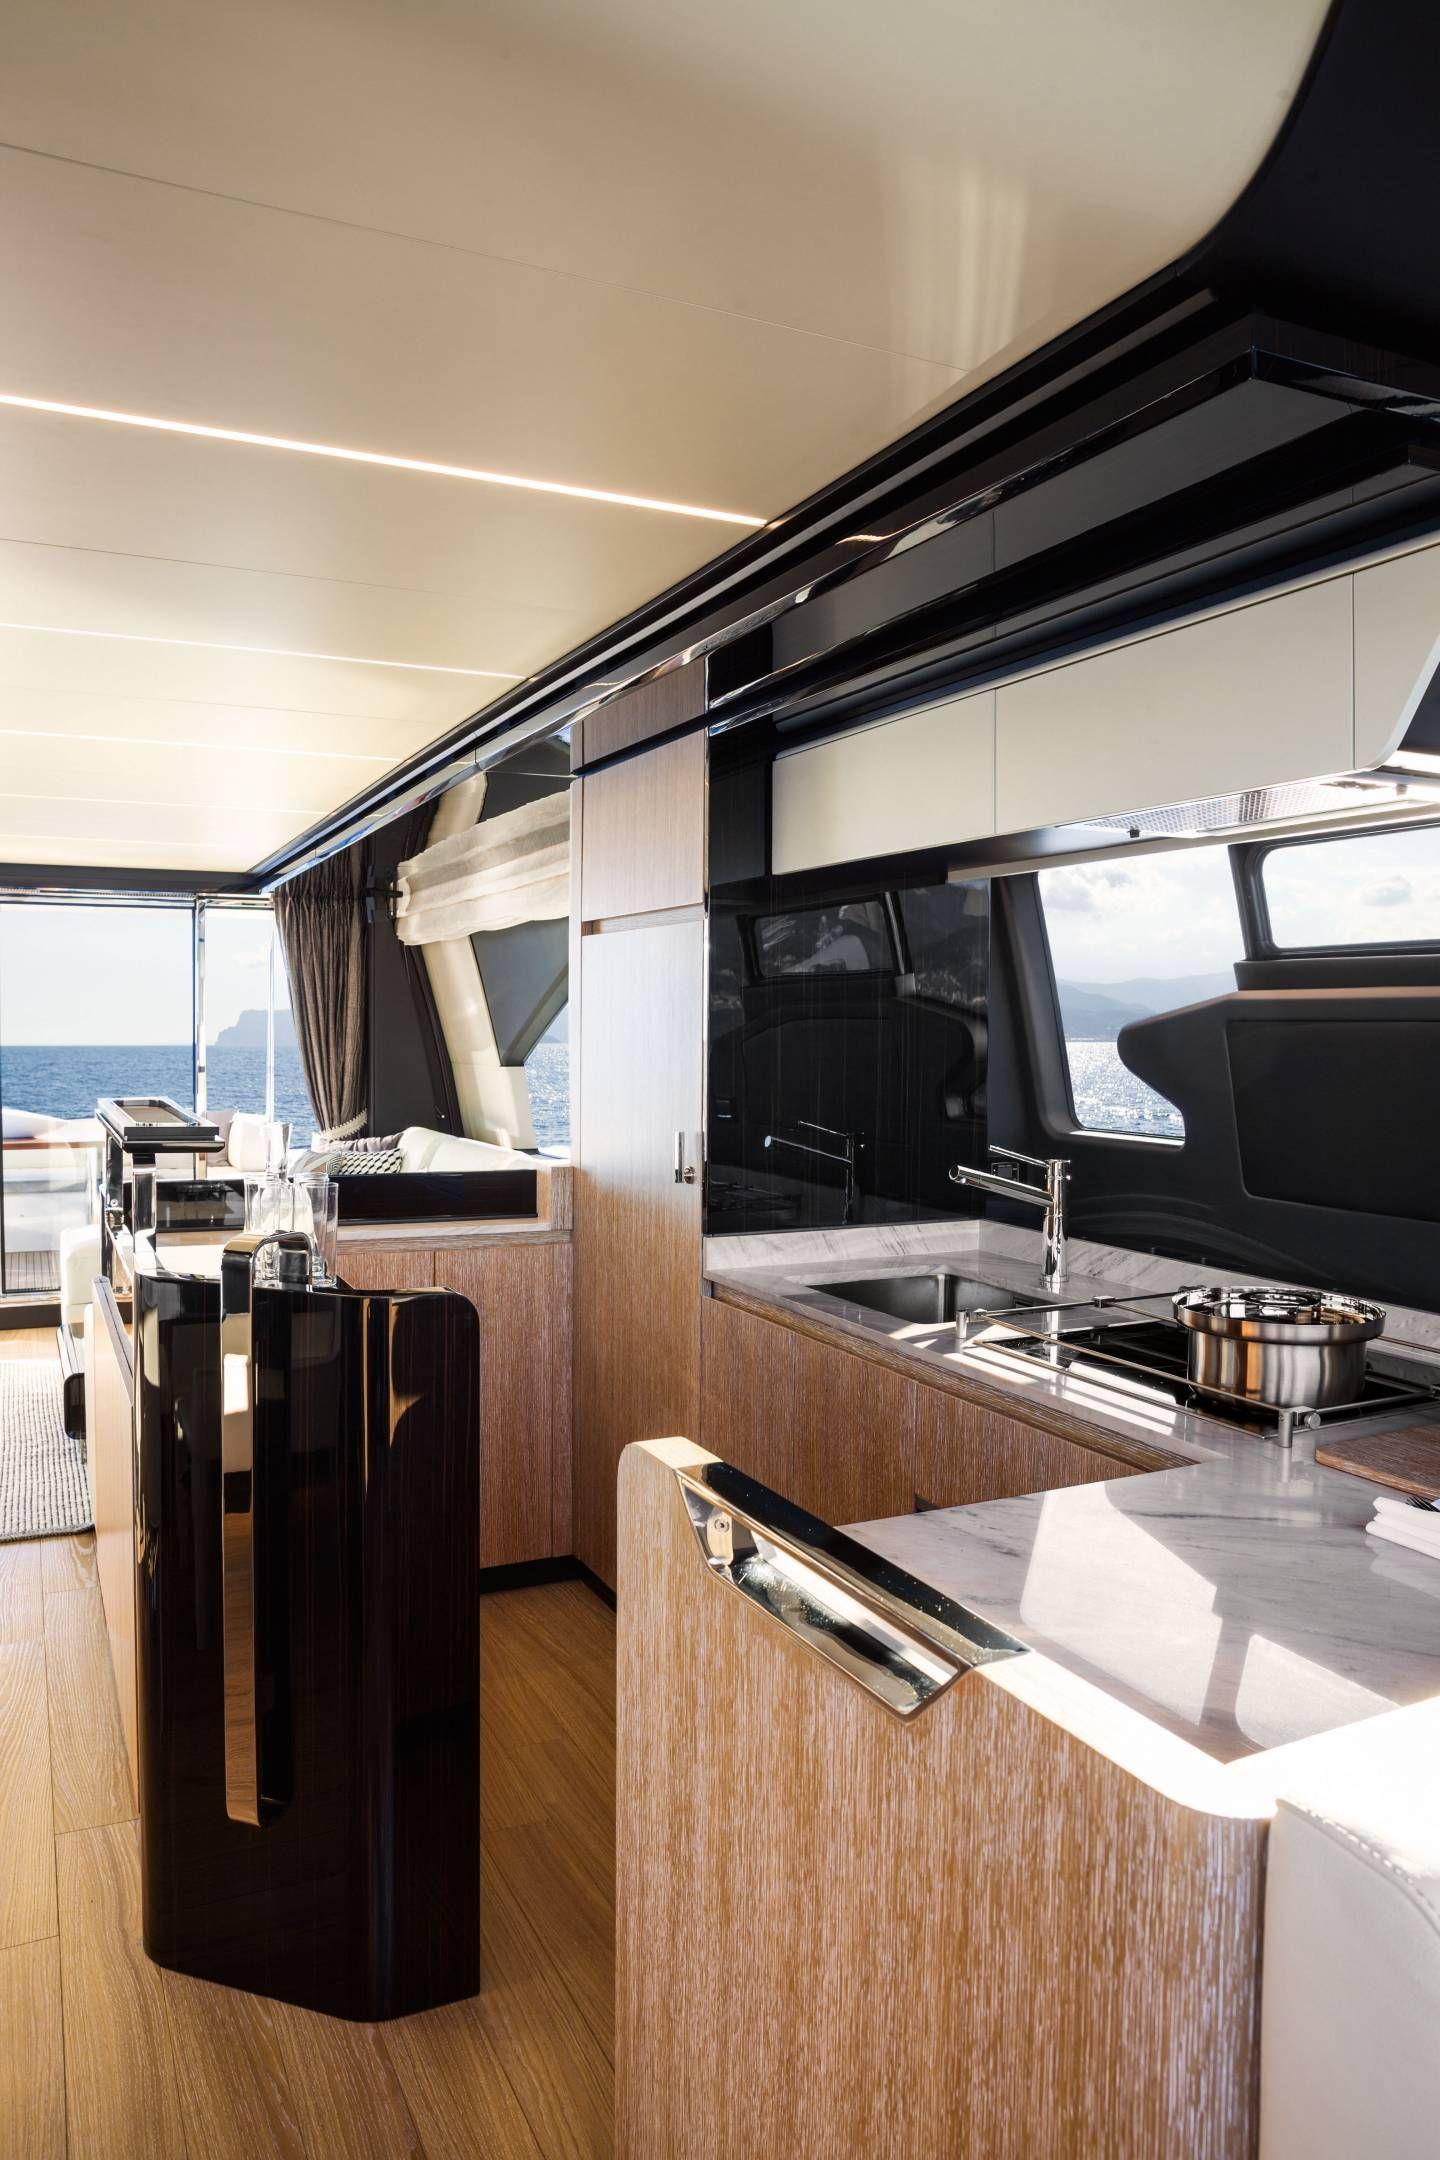 阿茲慕72 | 阿茲慕遊艇官方機構| 奢侈遊艇銷售 #yachtboatinterior in 2019 ...